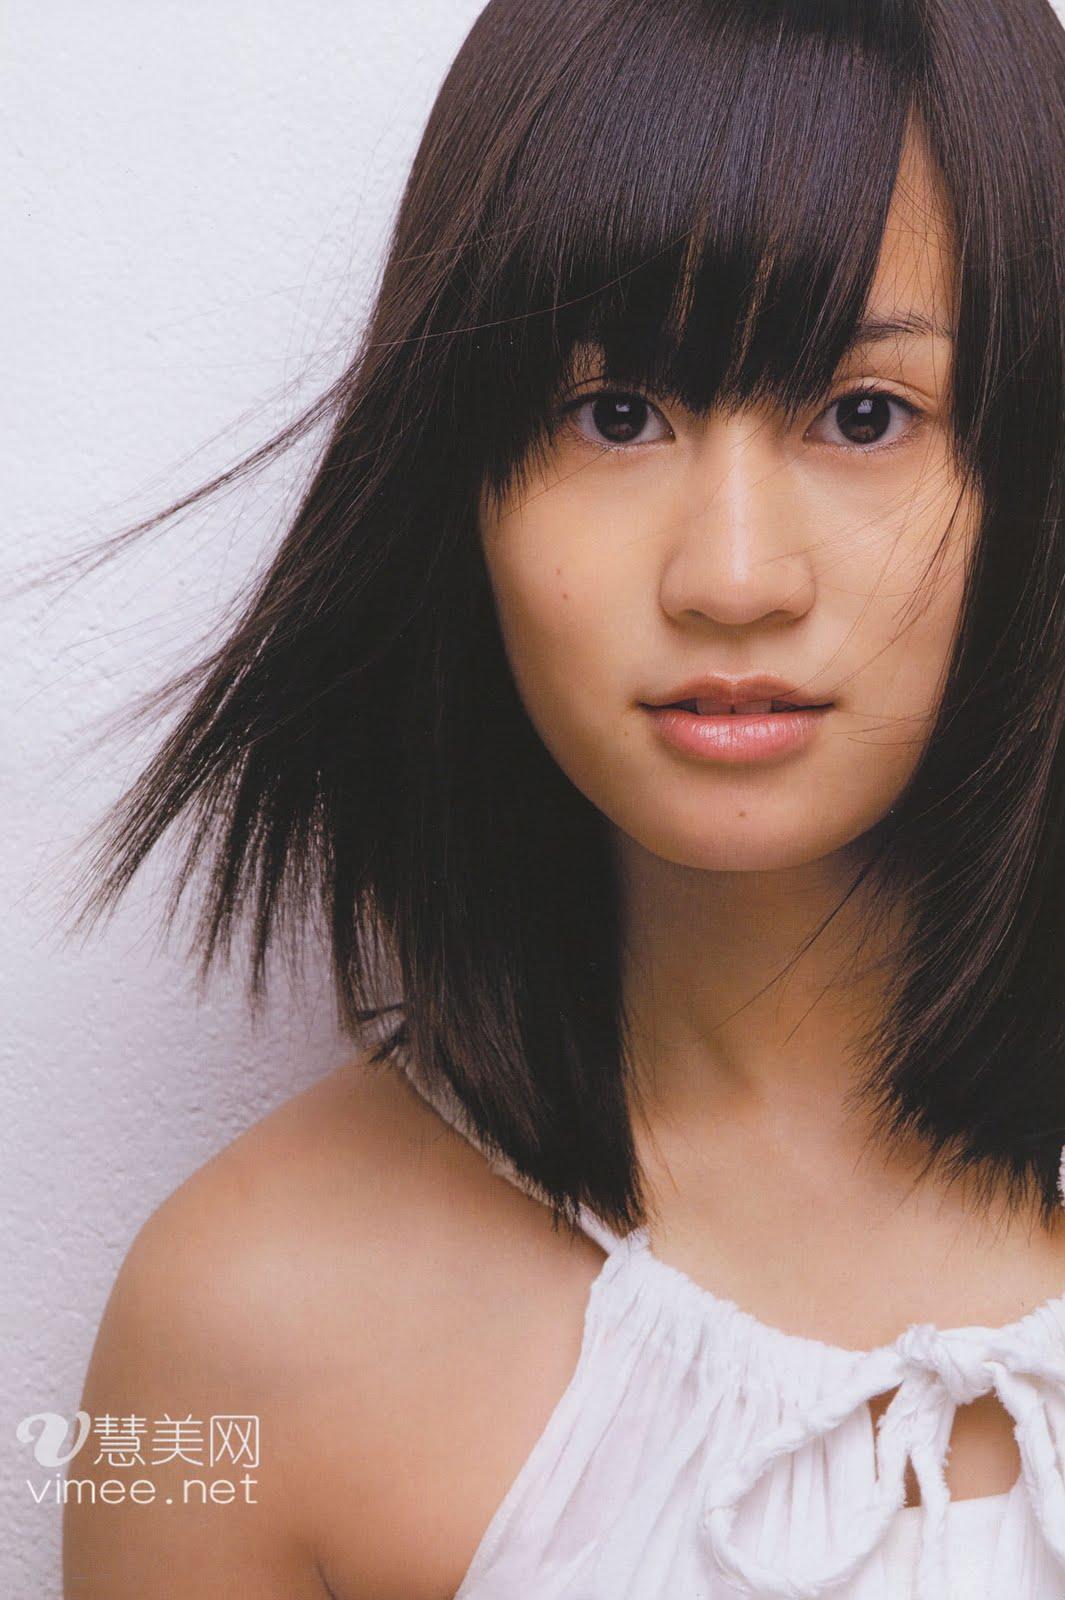 http://3.bp.blogspot.com/_KZkjiSFK-Ho/TCyo1Tx3ggI/AAAAAAAABbs/2frhaekQ9pw/s1600/Maeda+Atsuko+In+Tokyo+3er.PB+(2).jpg